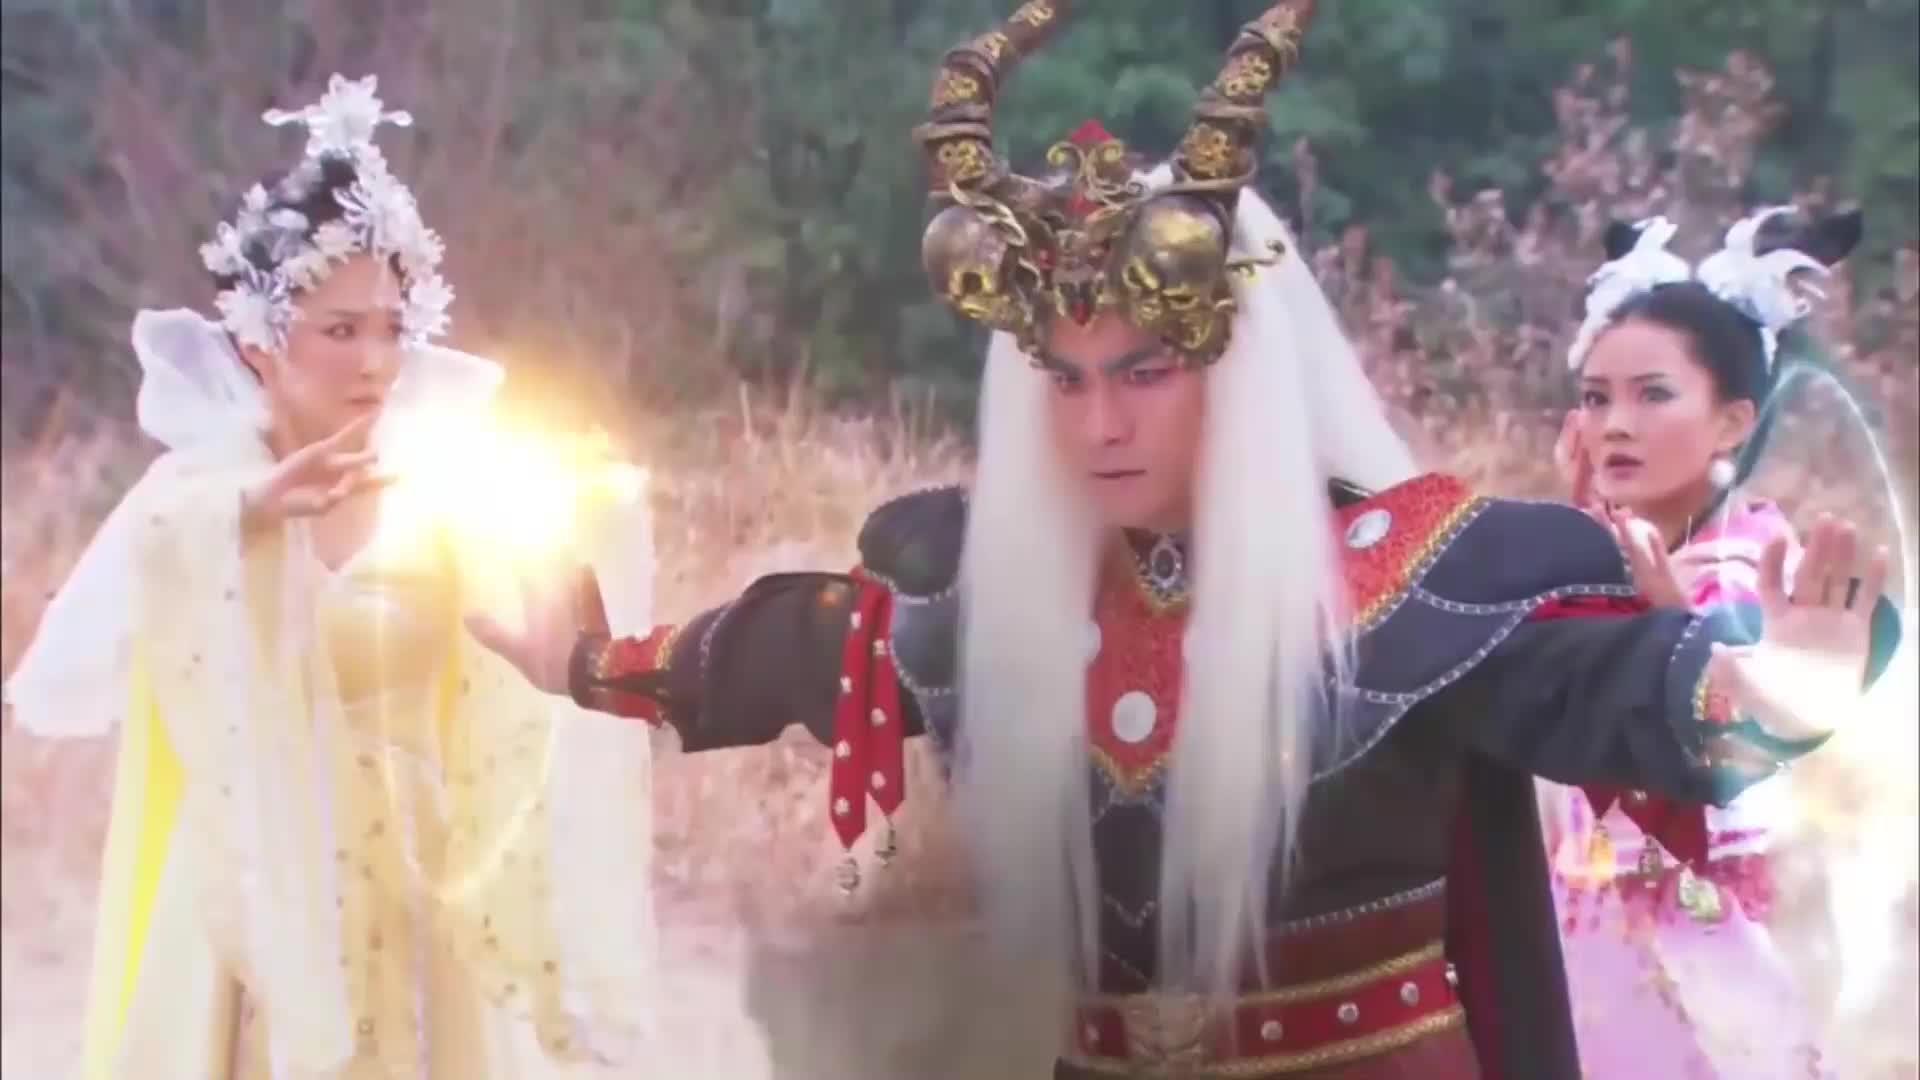 活佛济公:白雪着了魔道,幸好陈亮还有一丝理智,赵斌才脱离魔爪